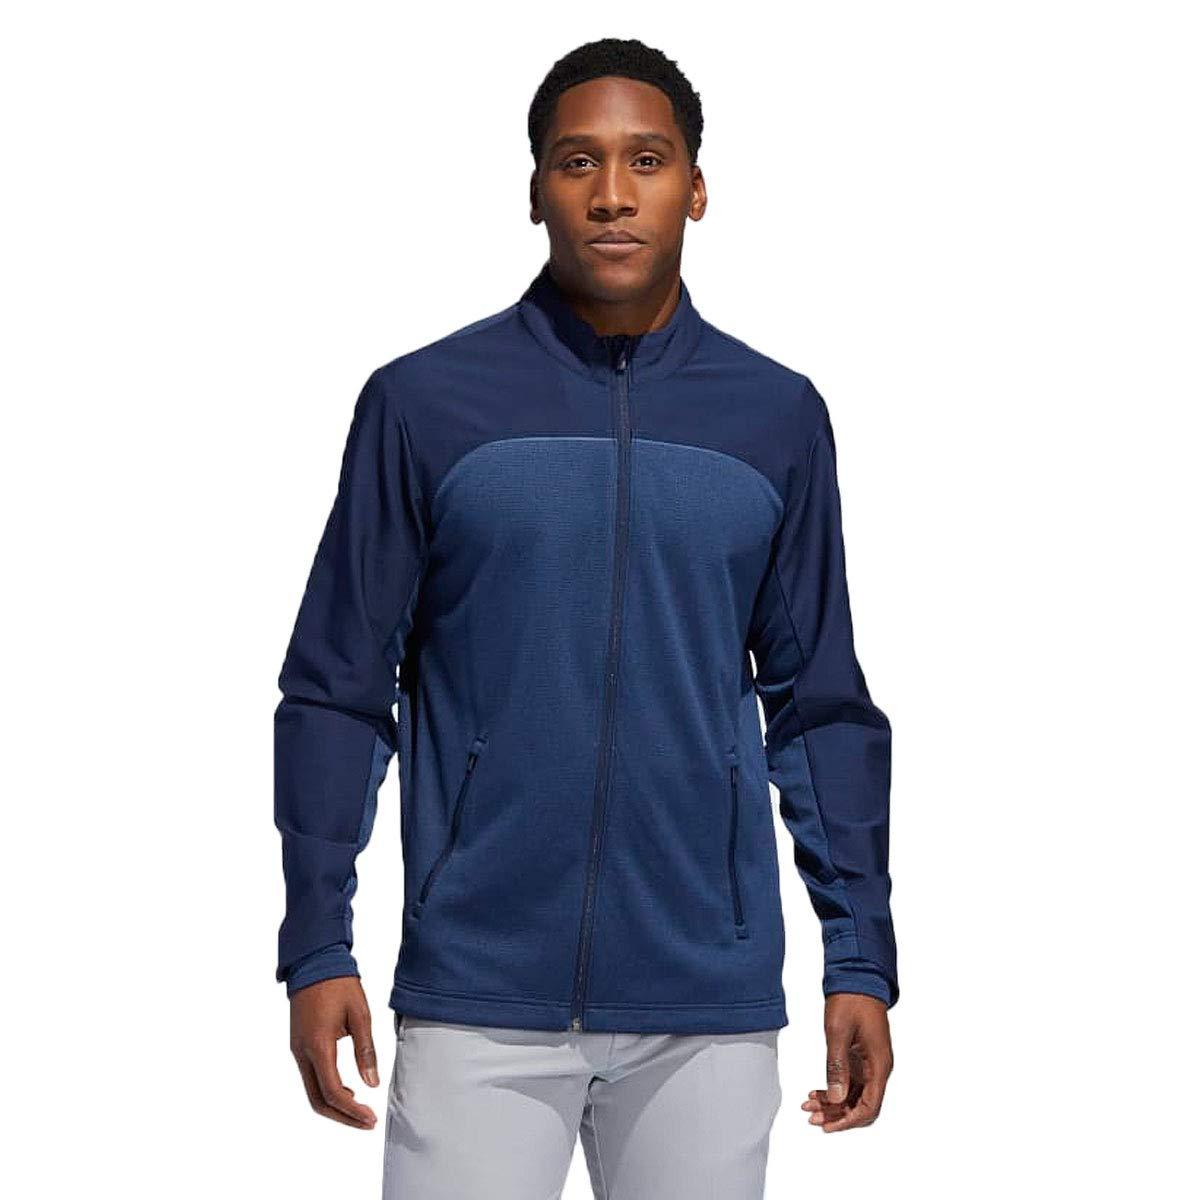 adidas Men's Go Track Jacket